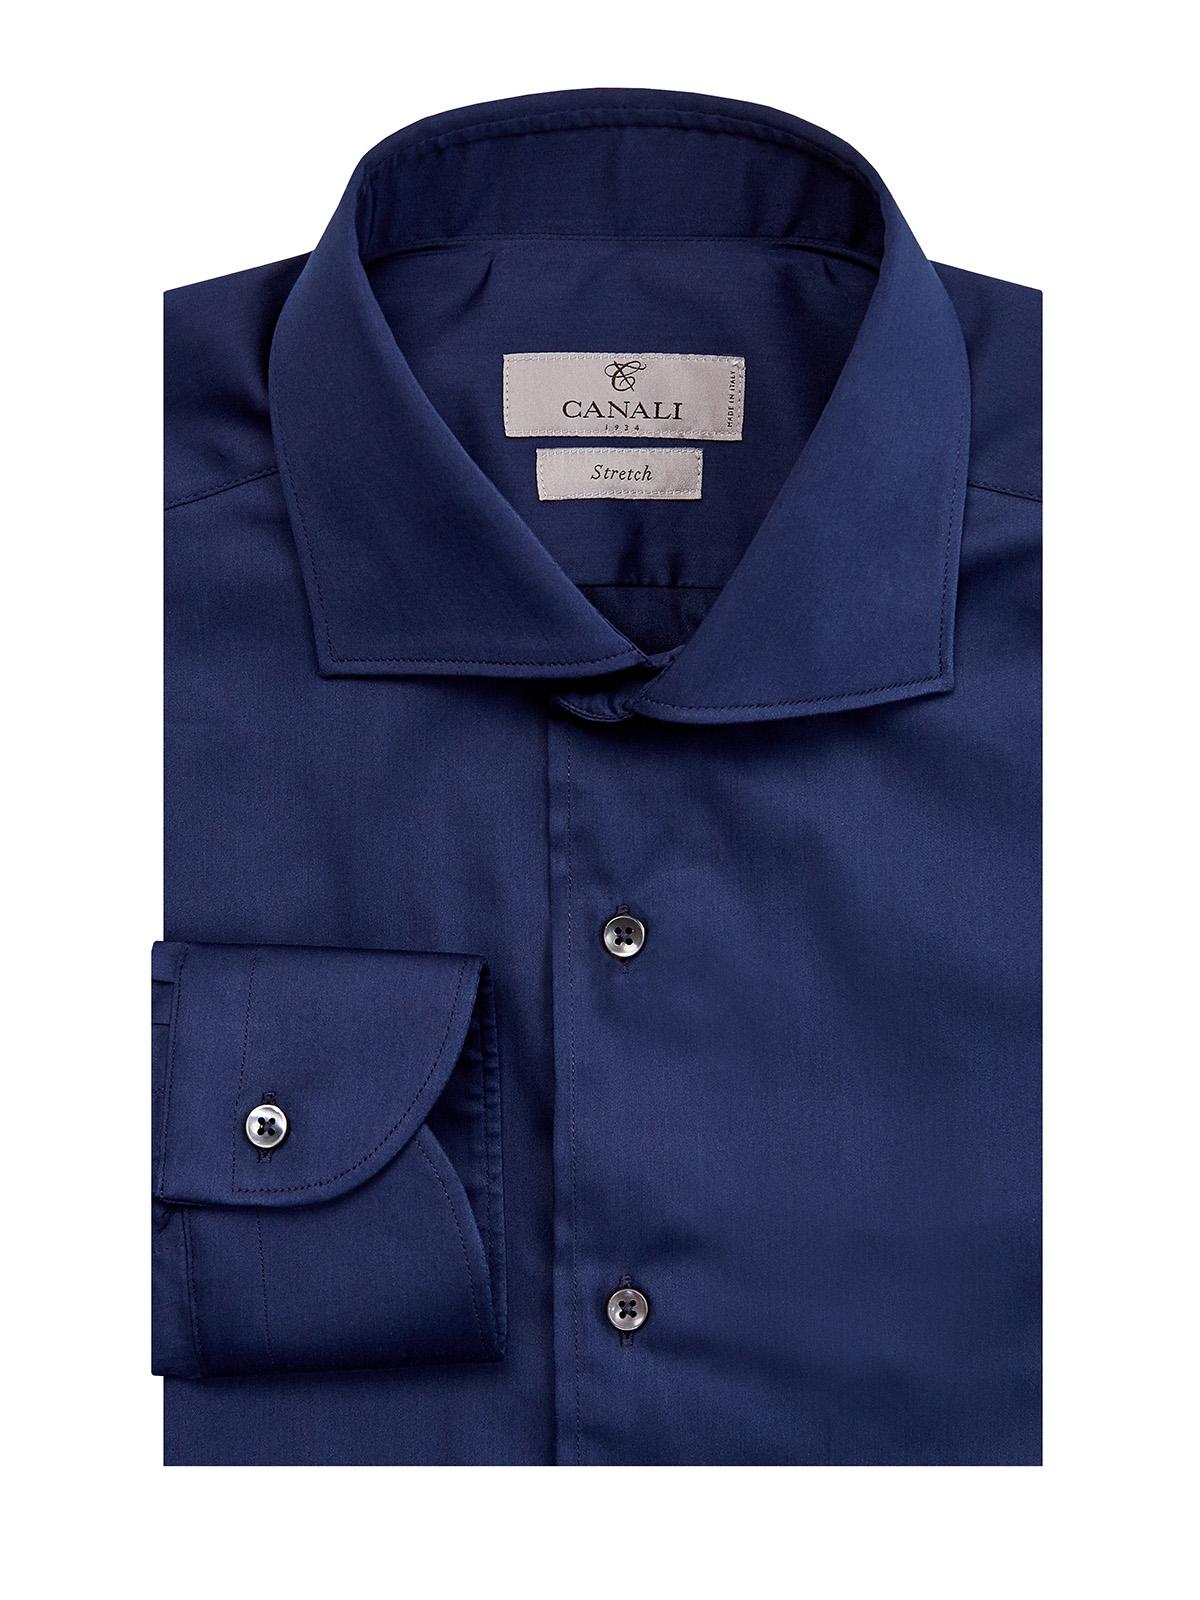 Однотонная рубашка из гладкого хлопка Stretch